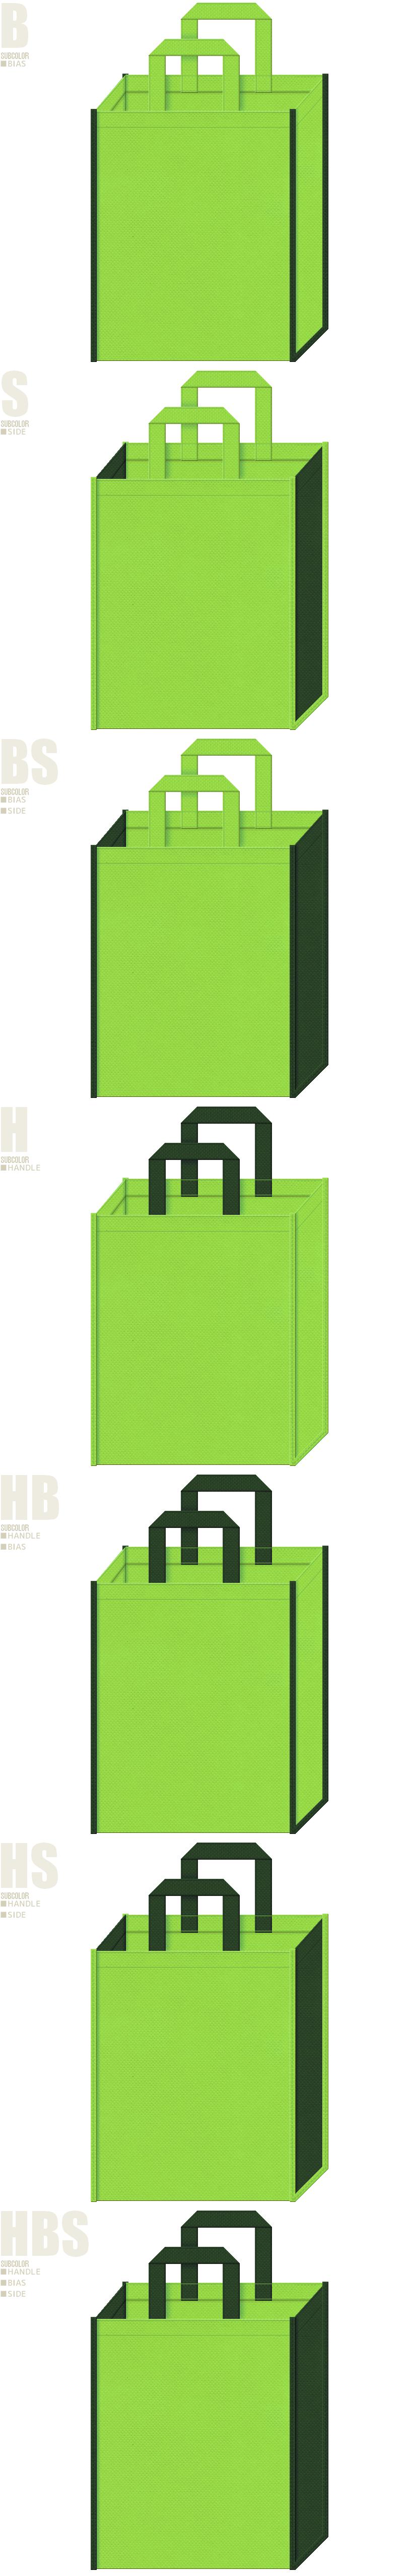 ブロッコリー・ほうれんそう・緑茶・青汁・観葉植物・植物園・芝生・ゴルフ場・テーマパーク・アウトドアイベント・新緑イベント・緑化推進・環境セミナー・森林浴・エコイベント・園芸用品の展示会用バッグにお奨めの不織布バッグデザイン:黄緑色と濃緑色の配色7パターン